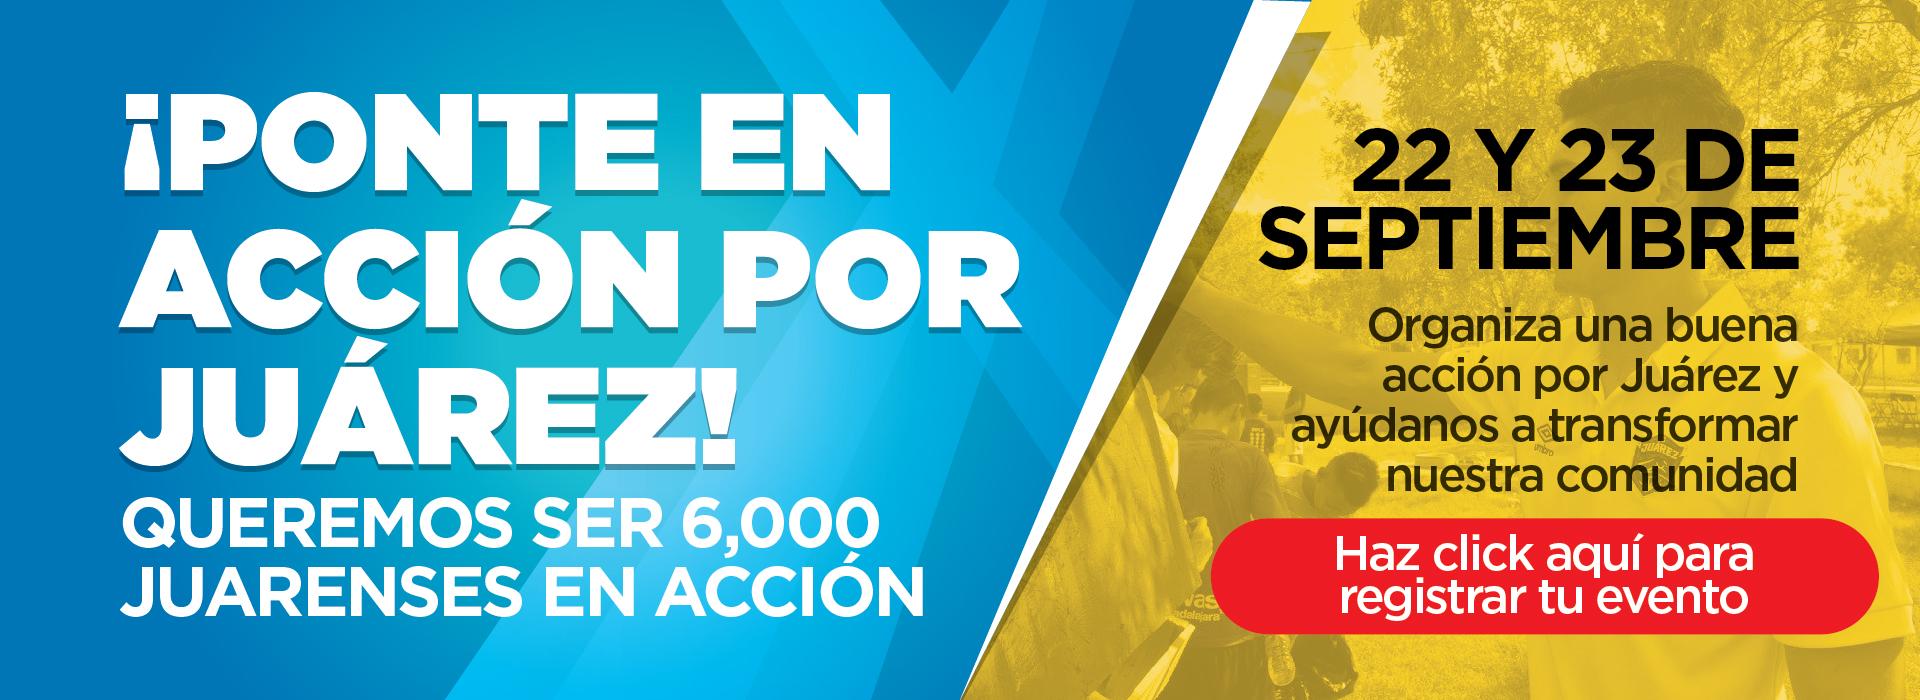 Juarez-en-accion_banner-1920x700px-01